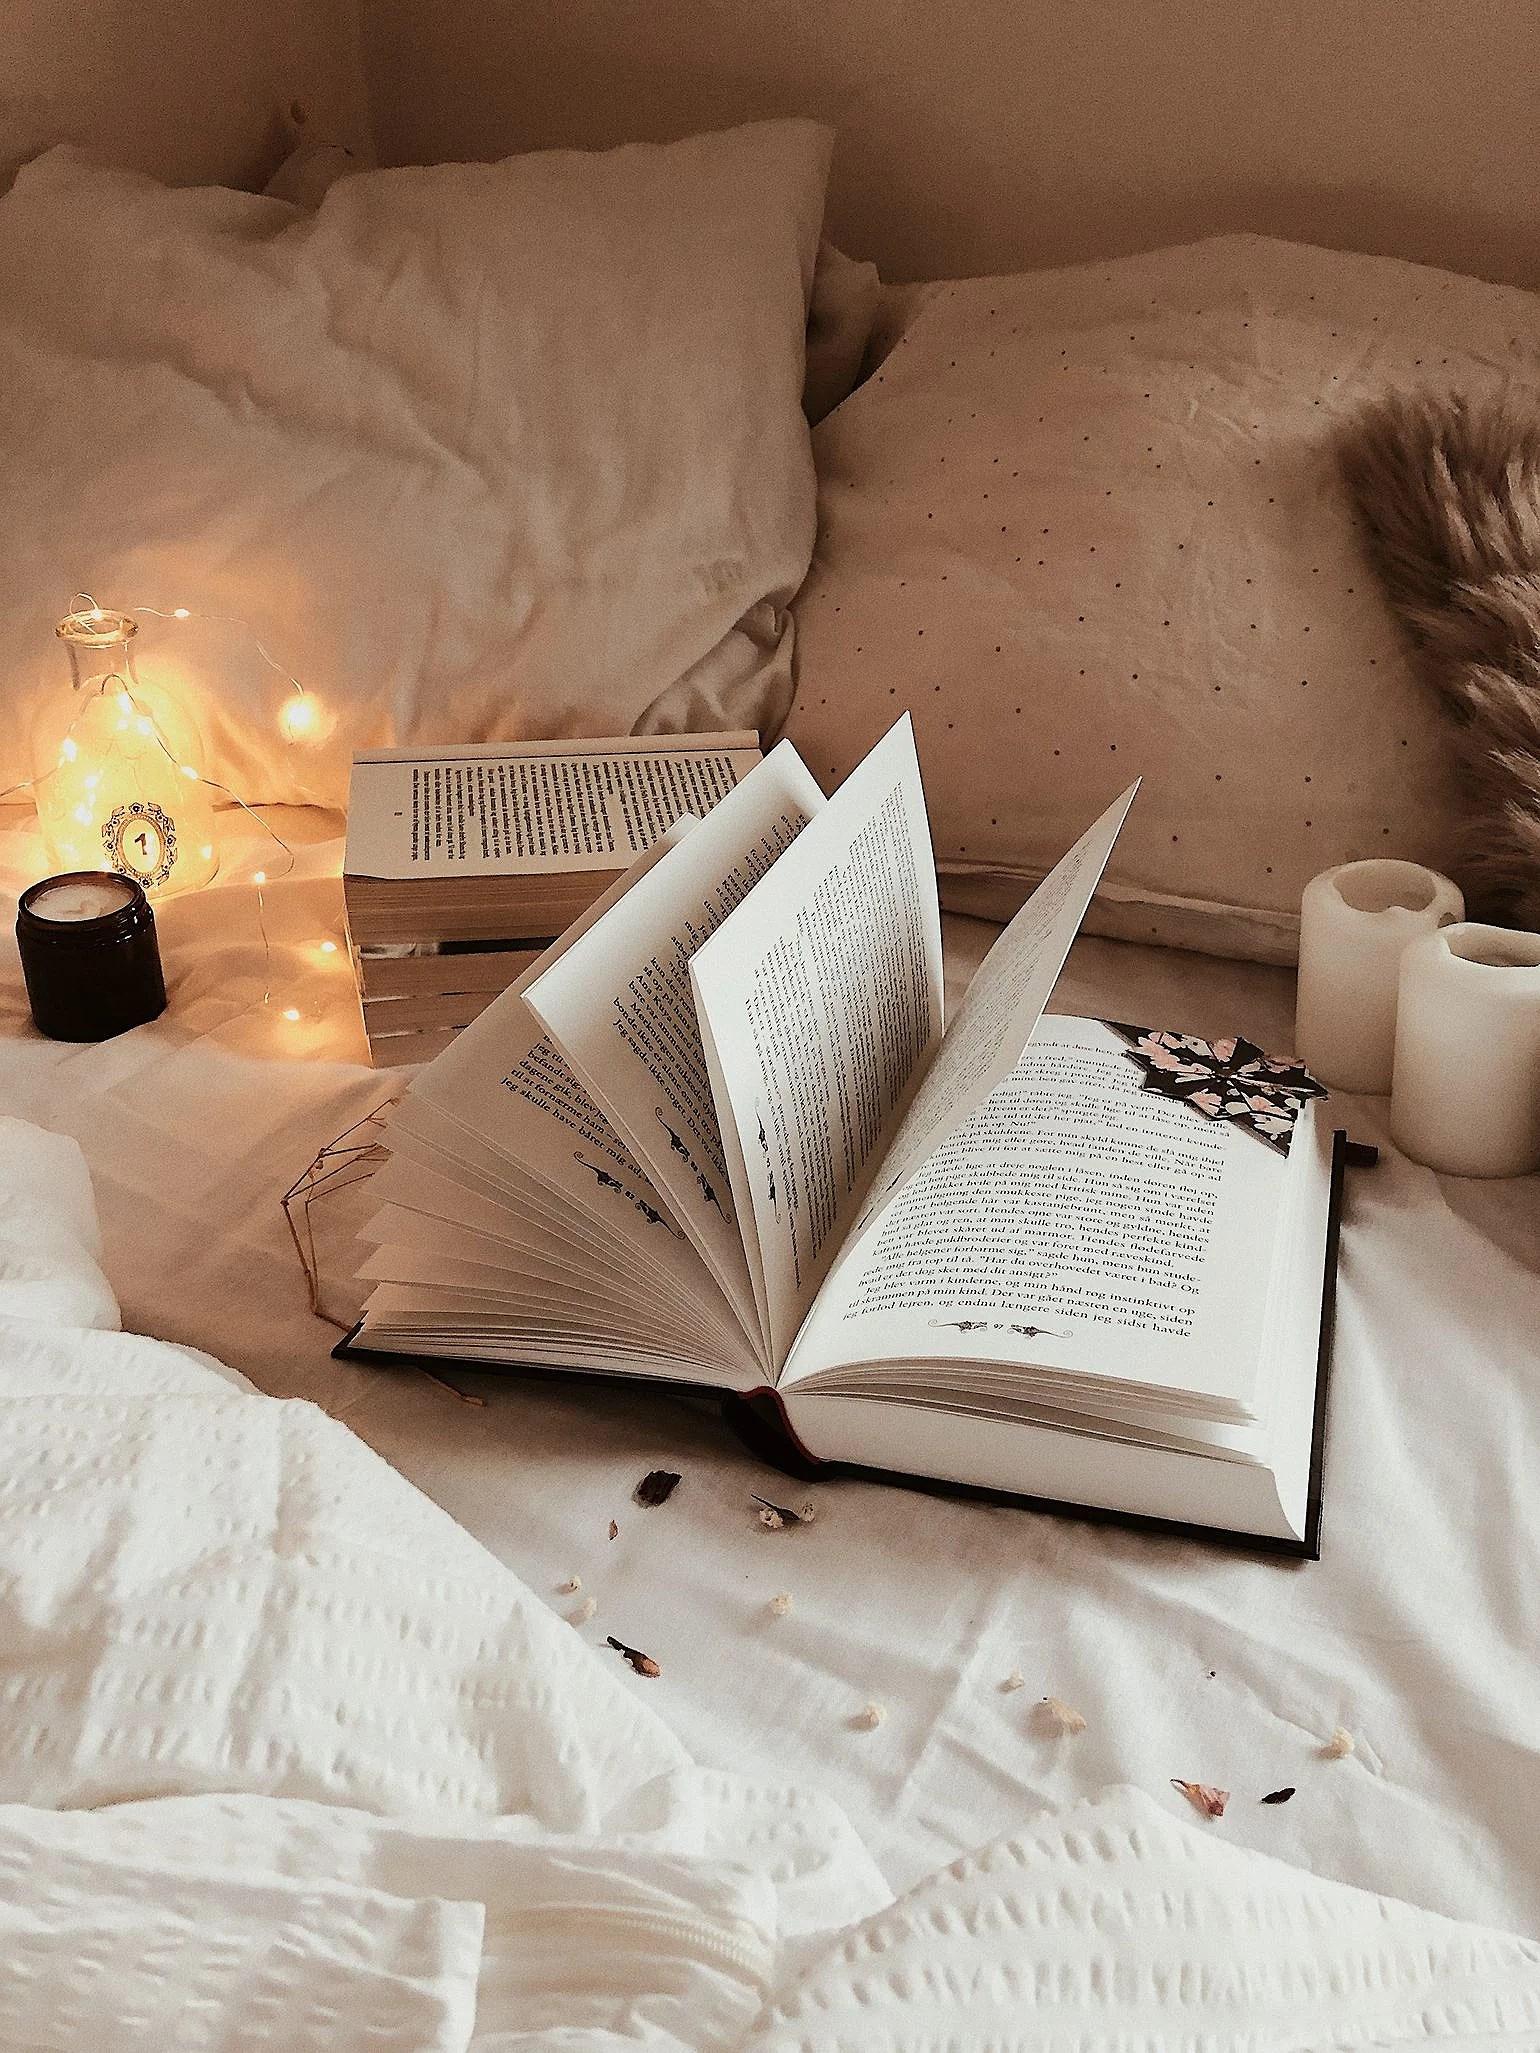 Book shaming.